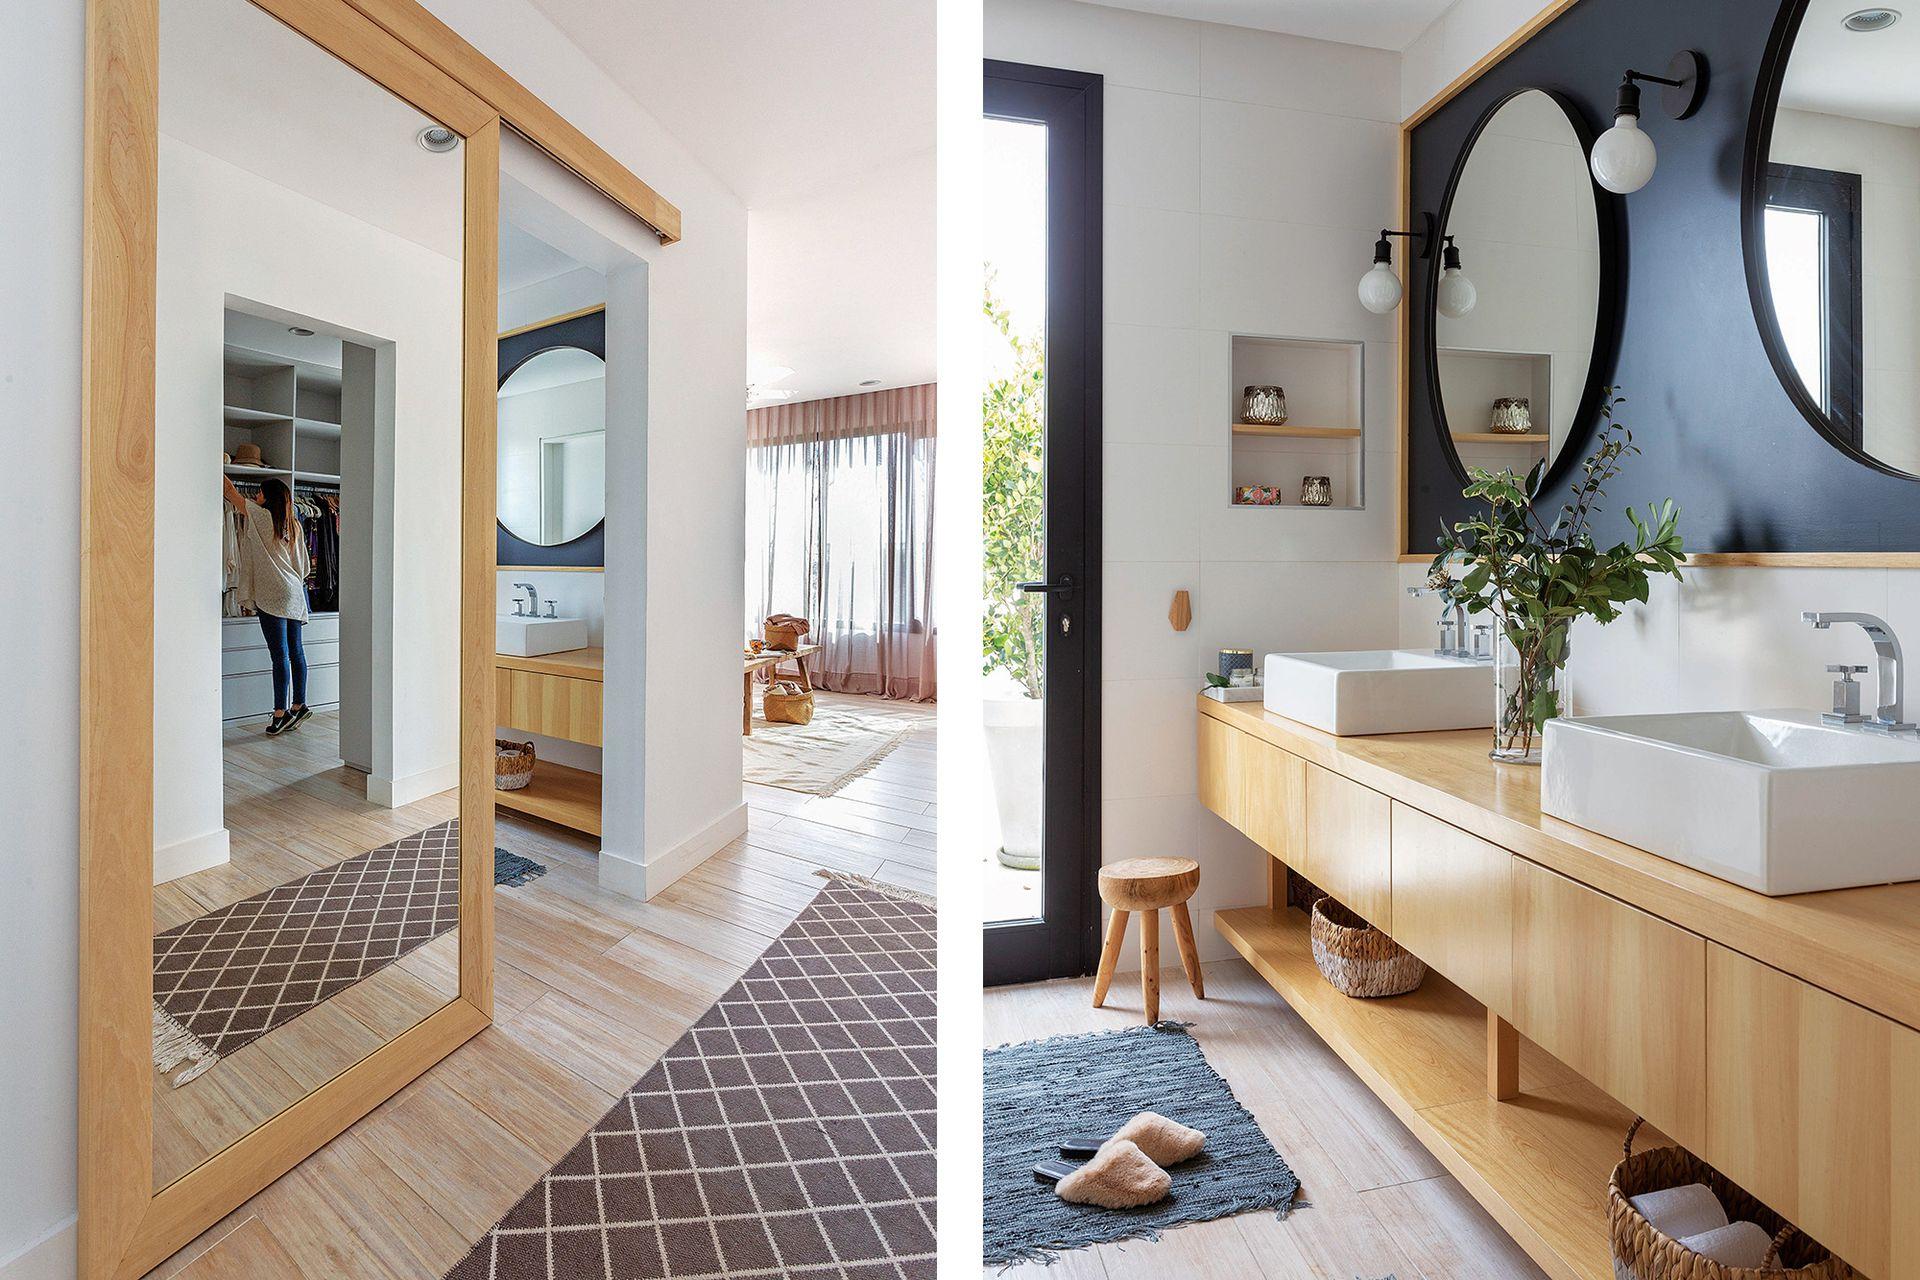 Con delicado diseño, la puerta corrediza del baño le da un gran espejo enmarcado al vestidor sin quitarle espacio de guardado.